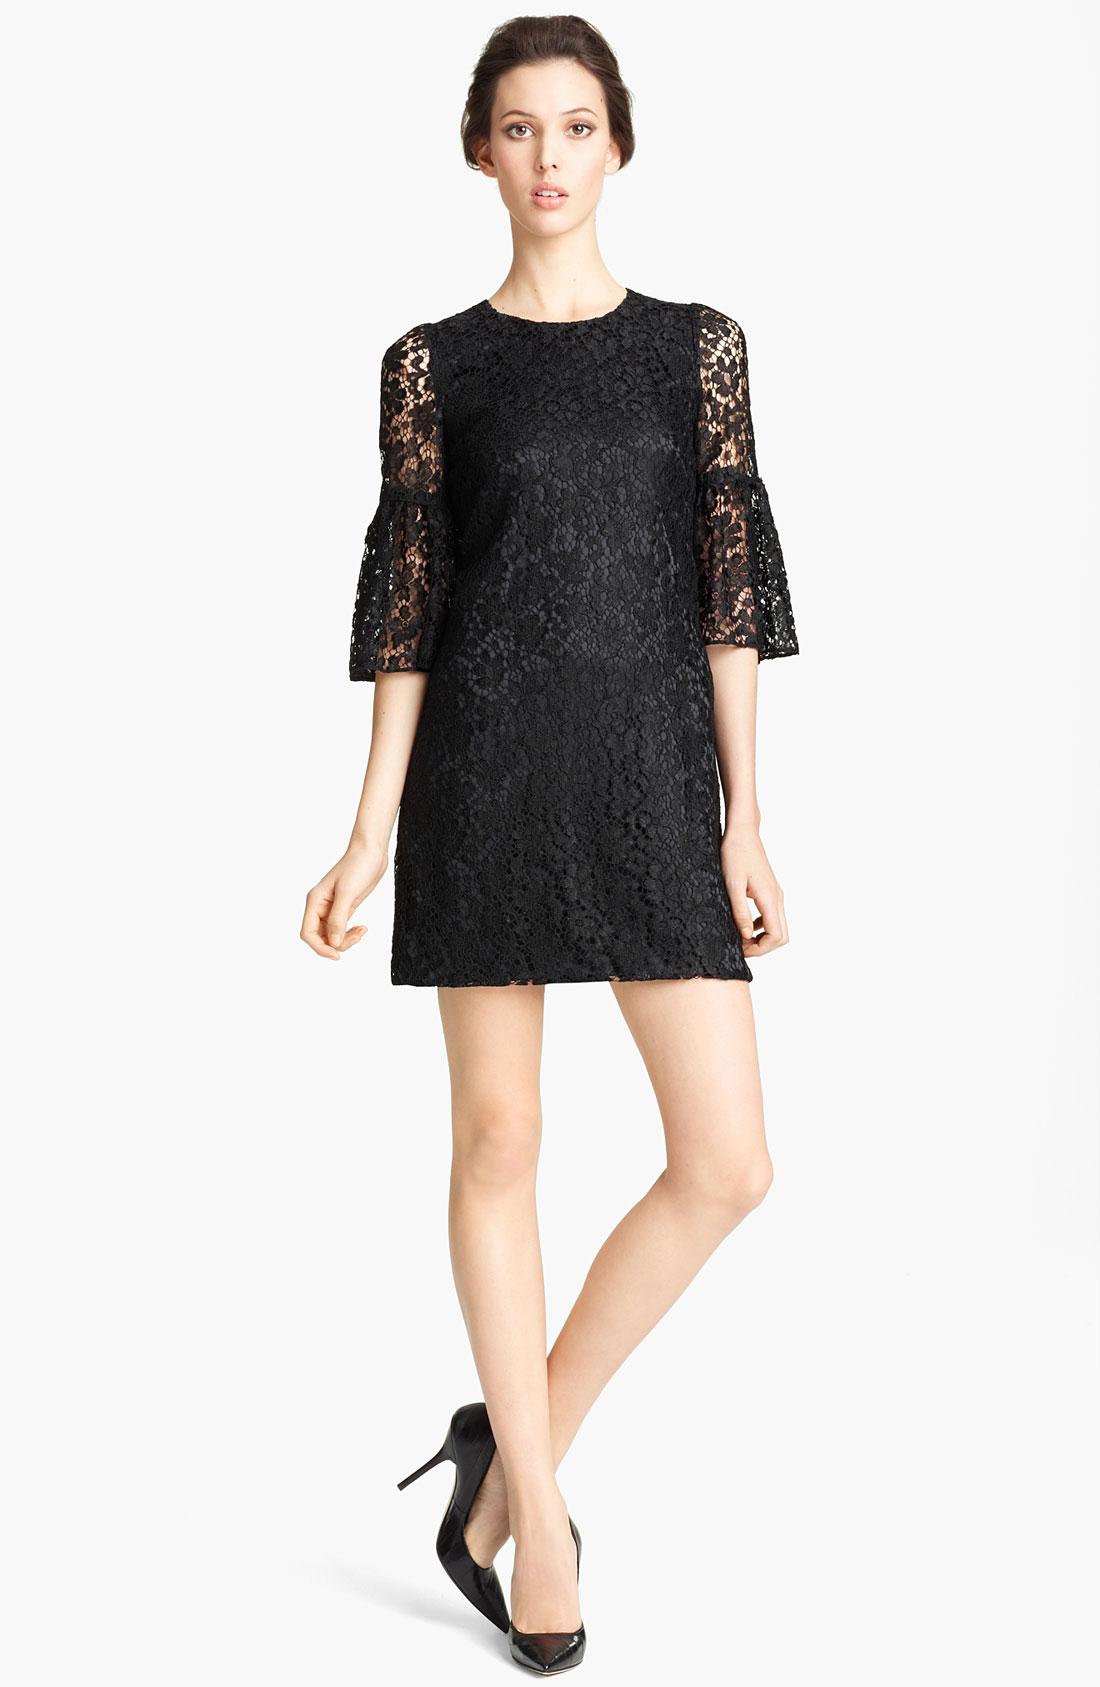 Dolce gabbana black lace dress 2012 dress blog edin for Dolce gabbana wedding dress